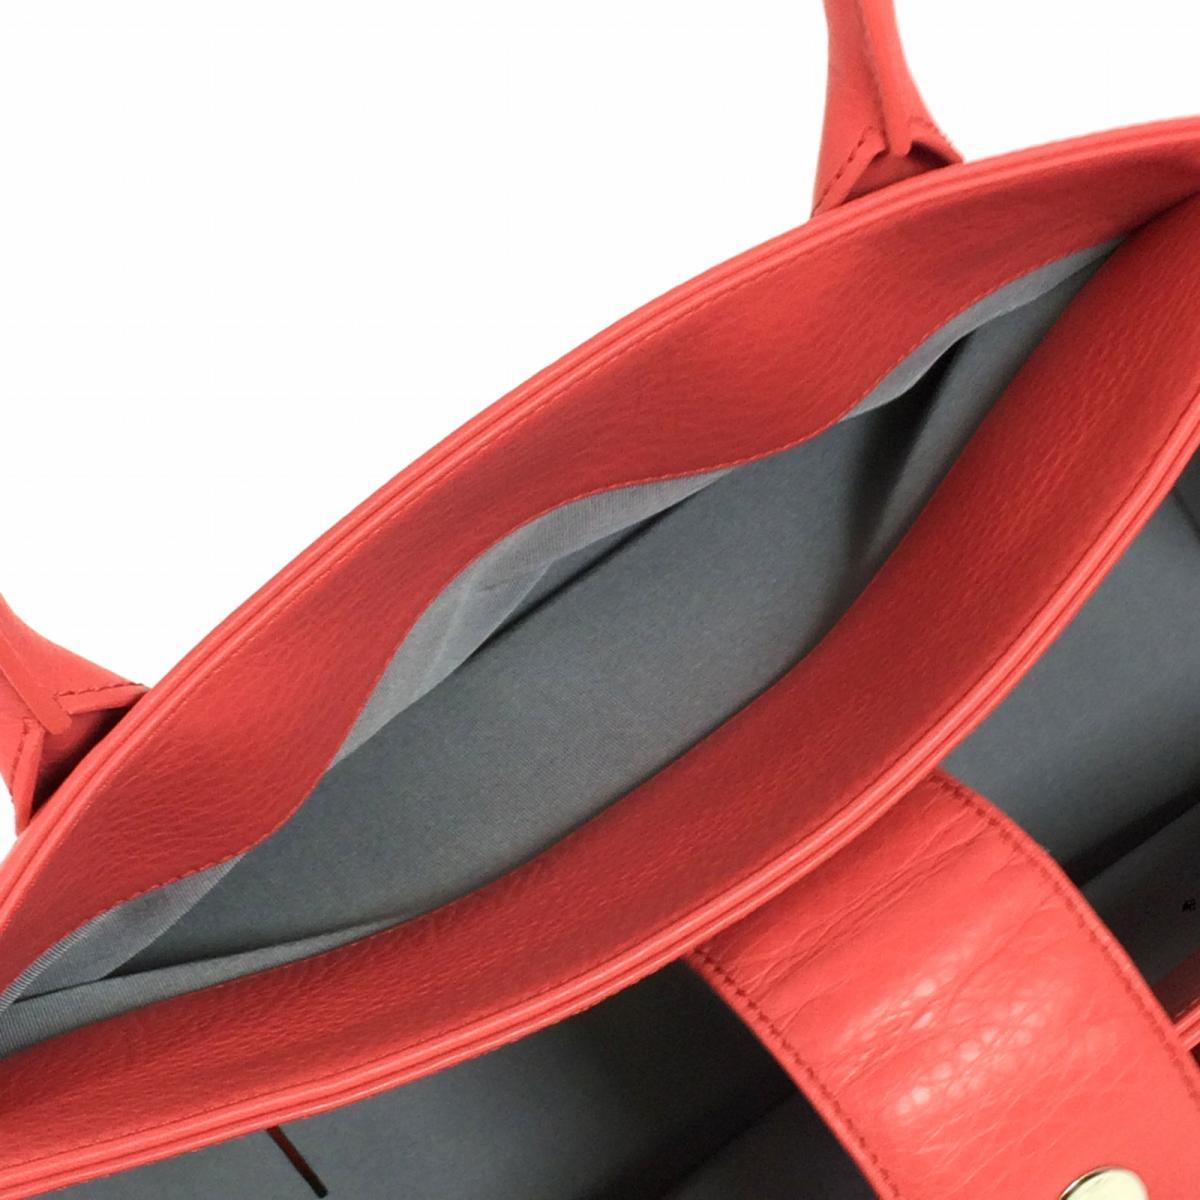 シャネル エグゼクティブトート ショルダーバッグ バッグ レディース ソフトキャビアスキンレザー ピンクCHANEL BRANDOFF ブランドオフ ブランド ブランドバッグ バック トートバッグ トートバック トート1KJcluTF3